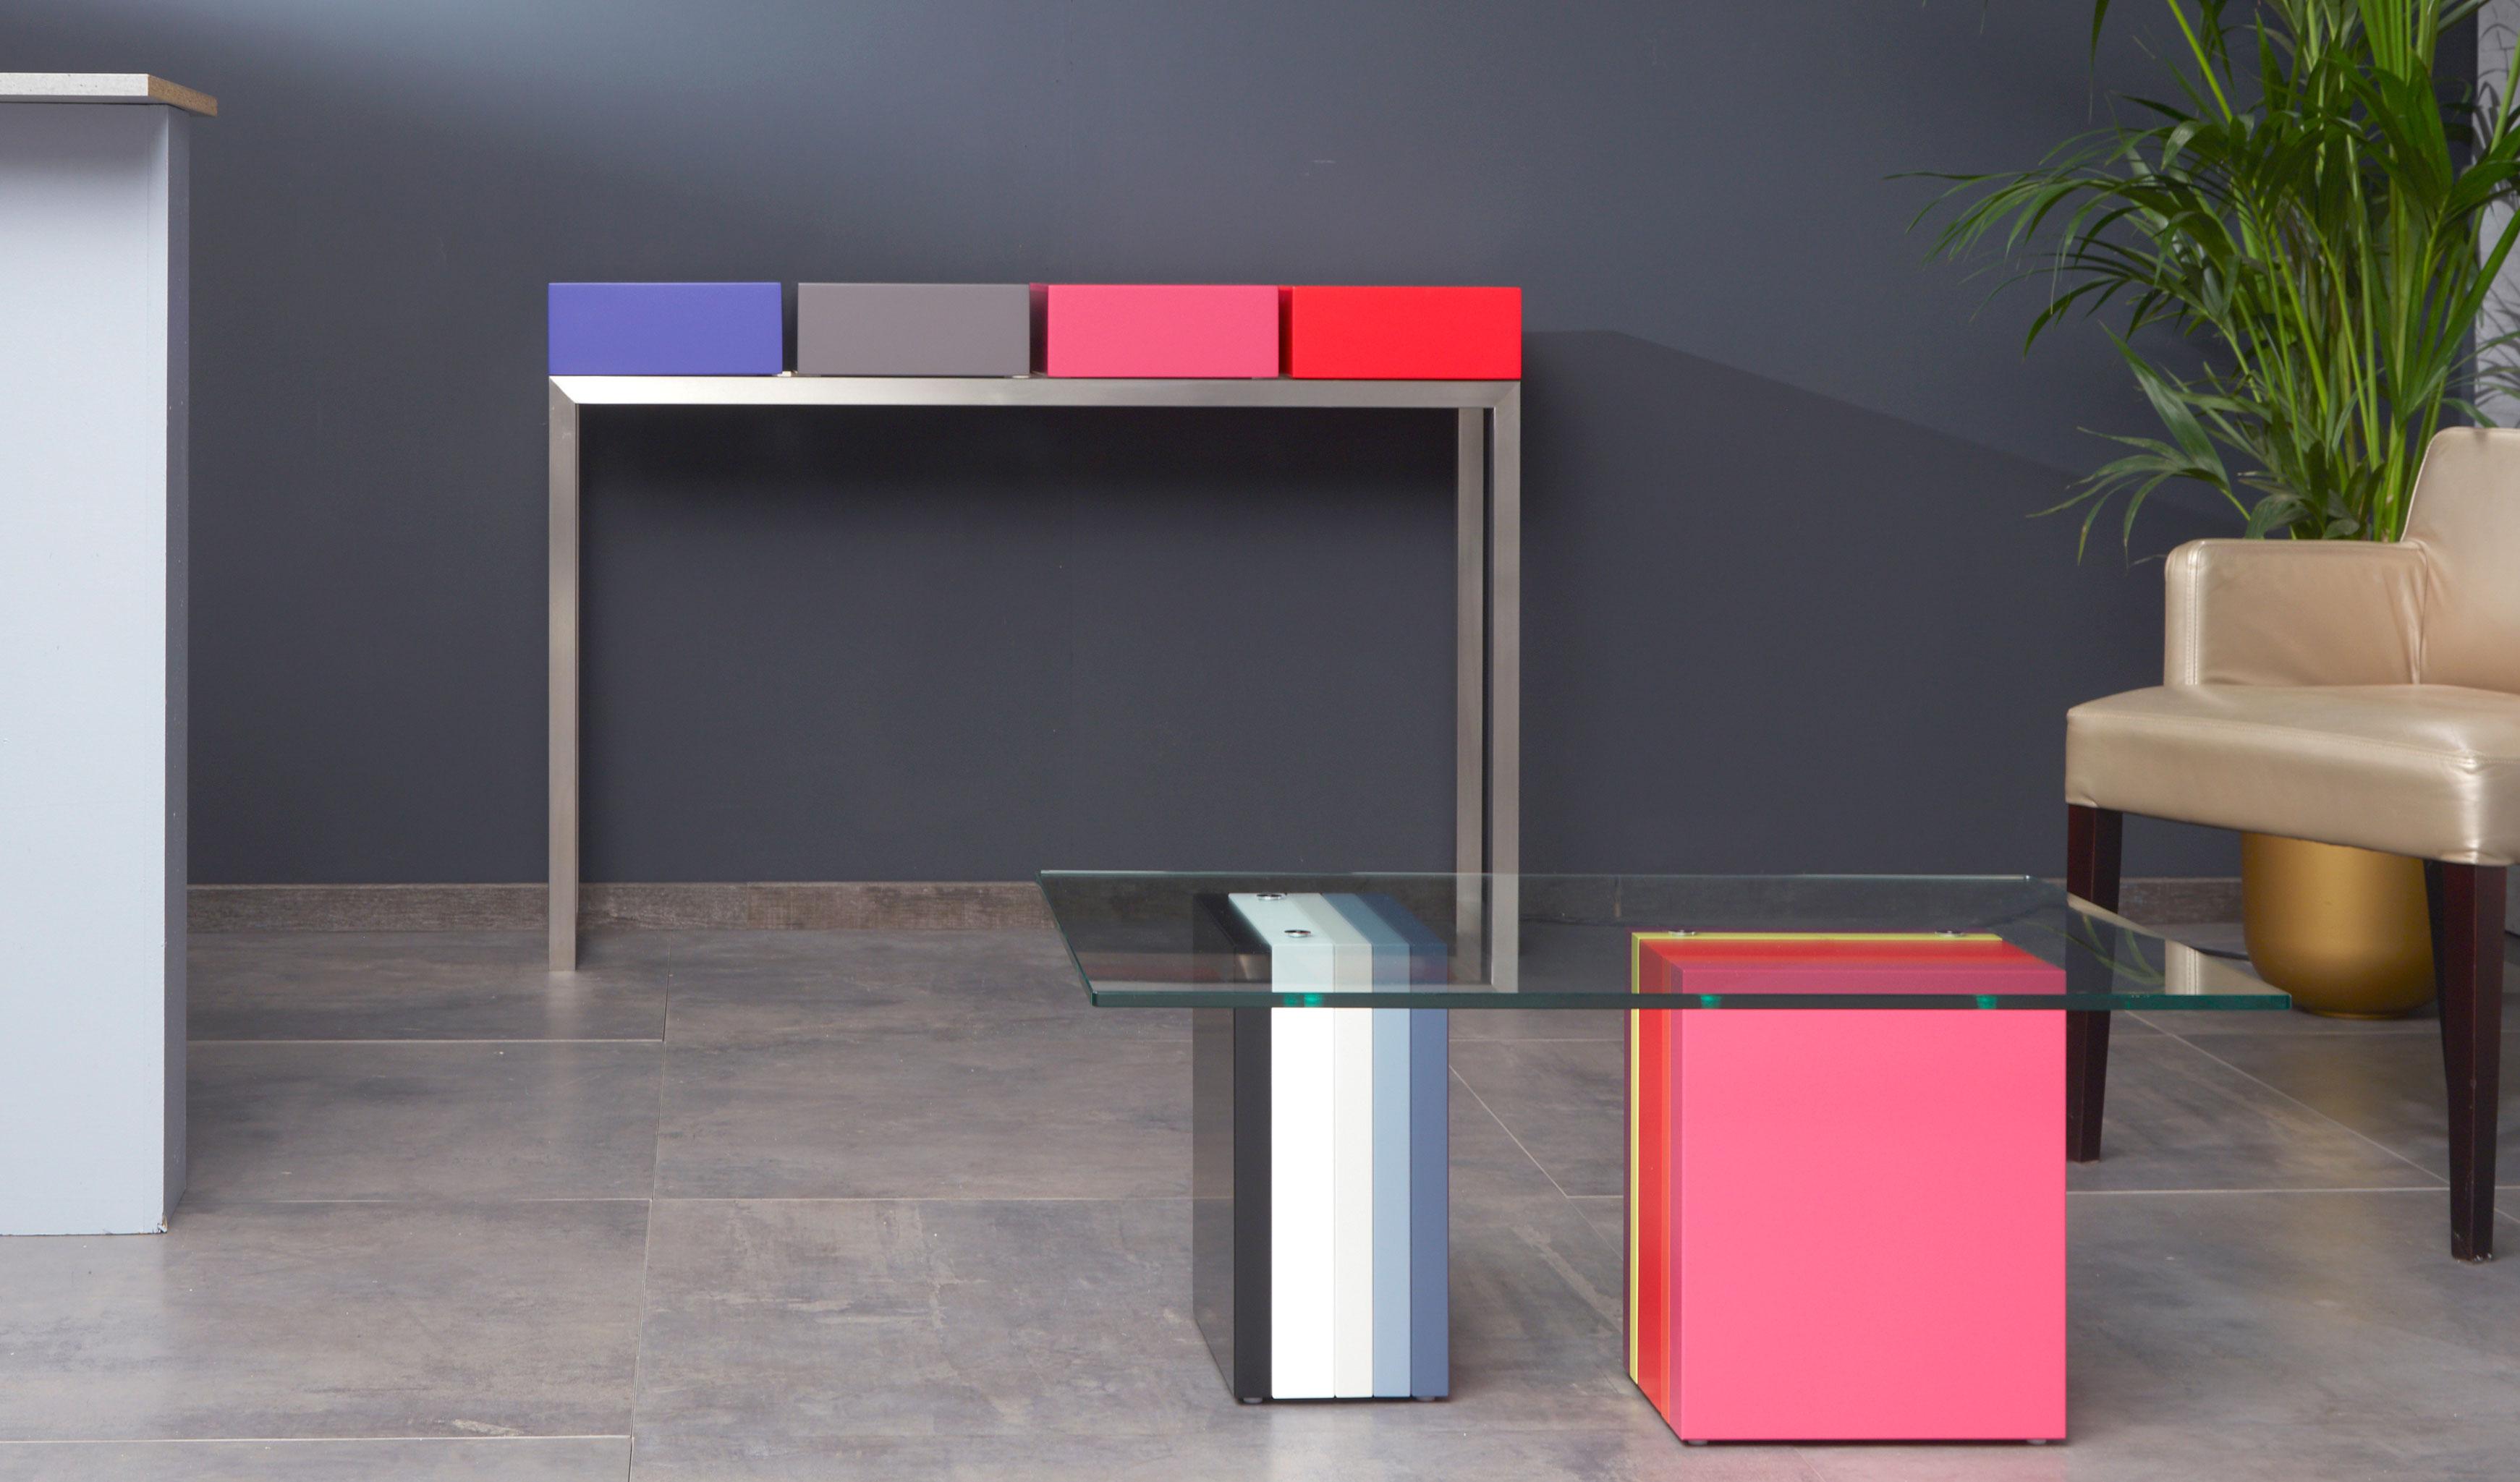 console connectée en couleurs et inox Plug and Pied mobilier Les Pieds Sur La Table détail